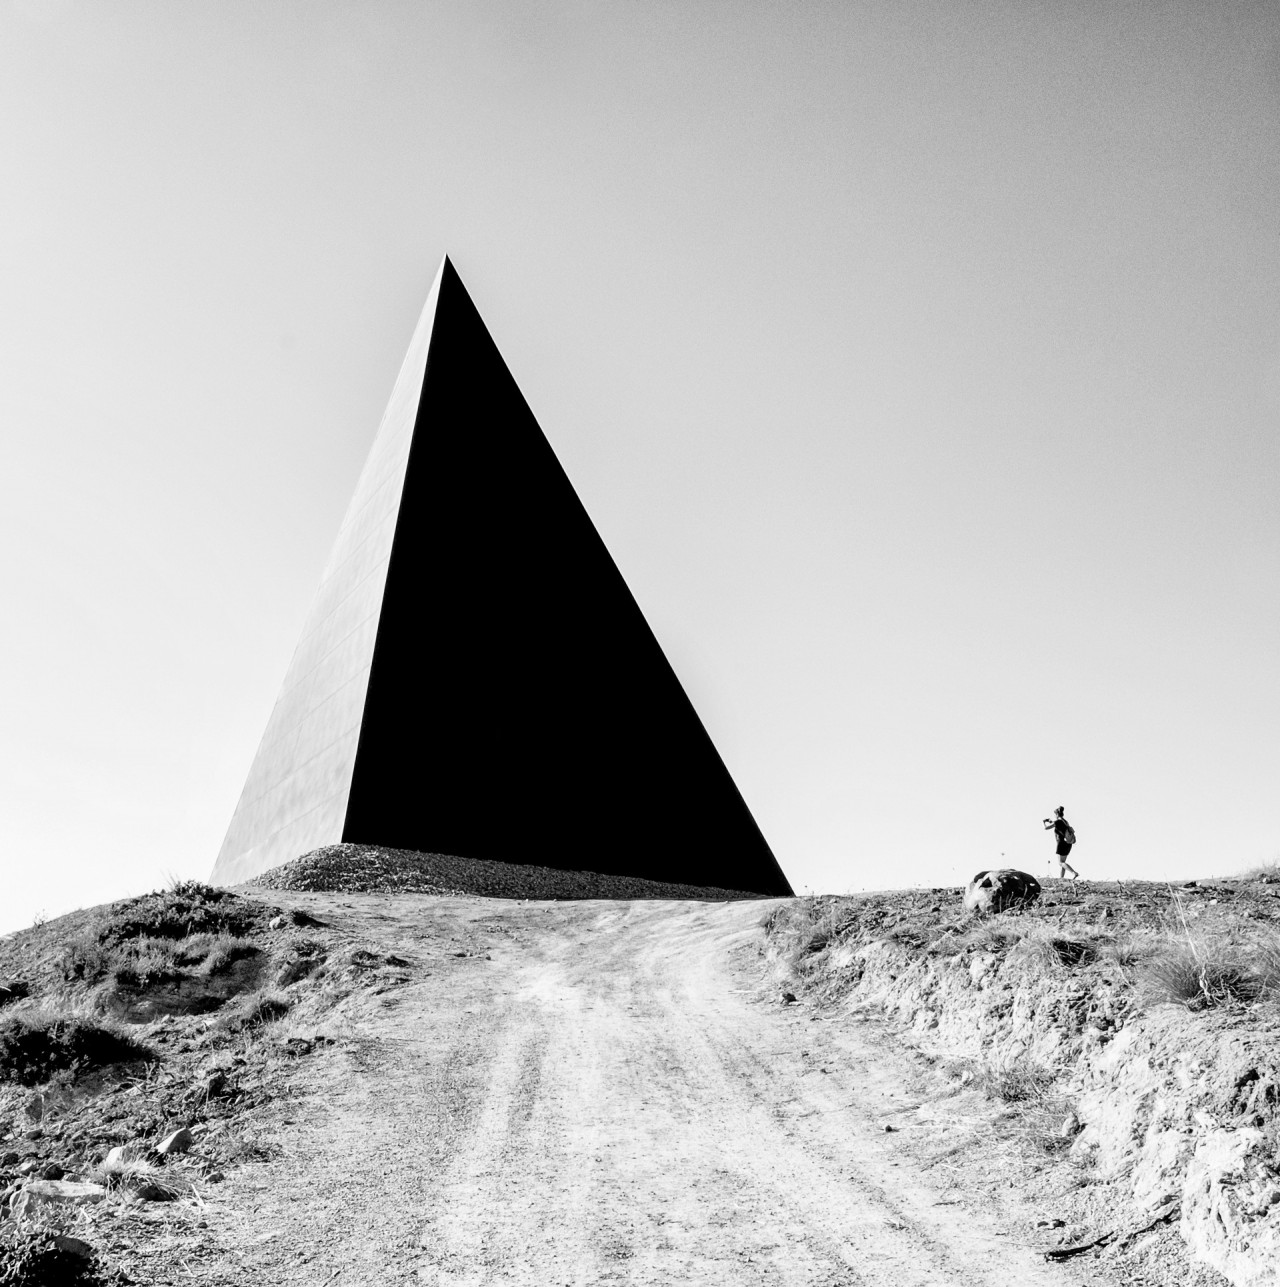 Победитель в категории «Архитектура», «Открытая» номинация, 2020. Fiumara d'Arte, Сицилия. Автор Розария Сабрина Пантано